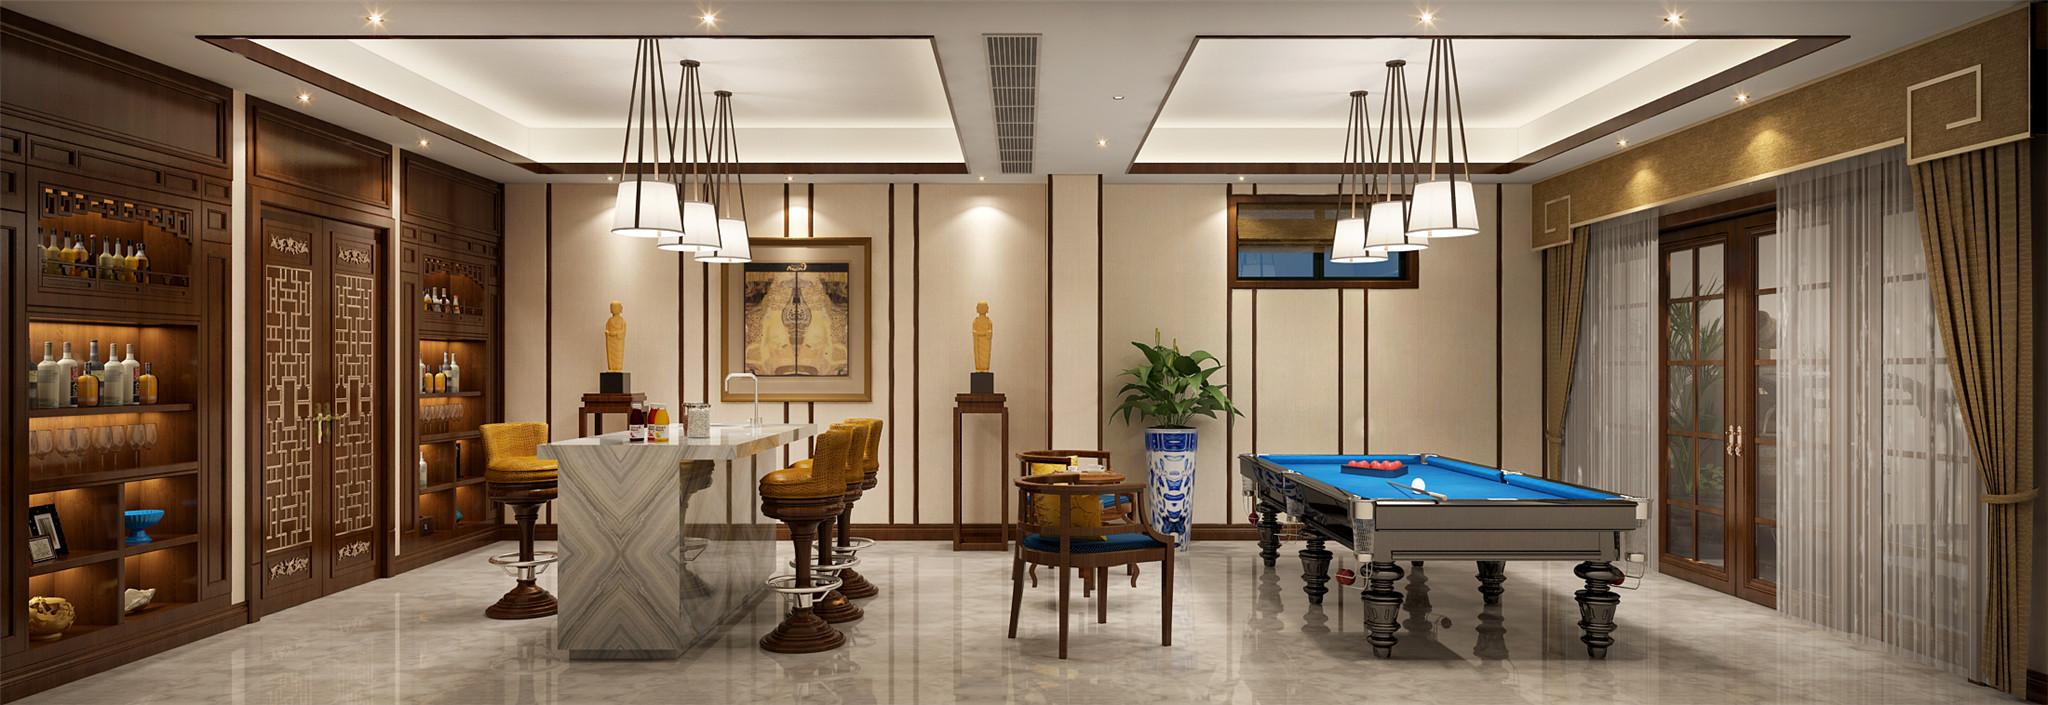 地下室水吧:桌球、水吧,惬意的交互空间,让每一天的悦享生活更加充实。